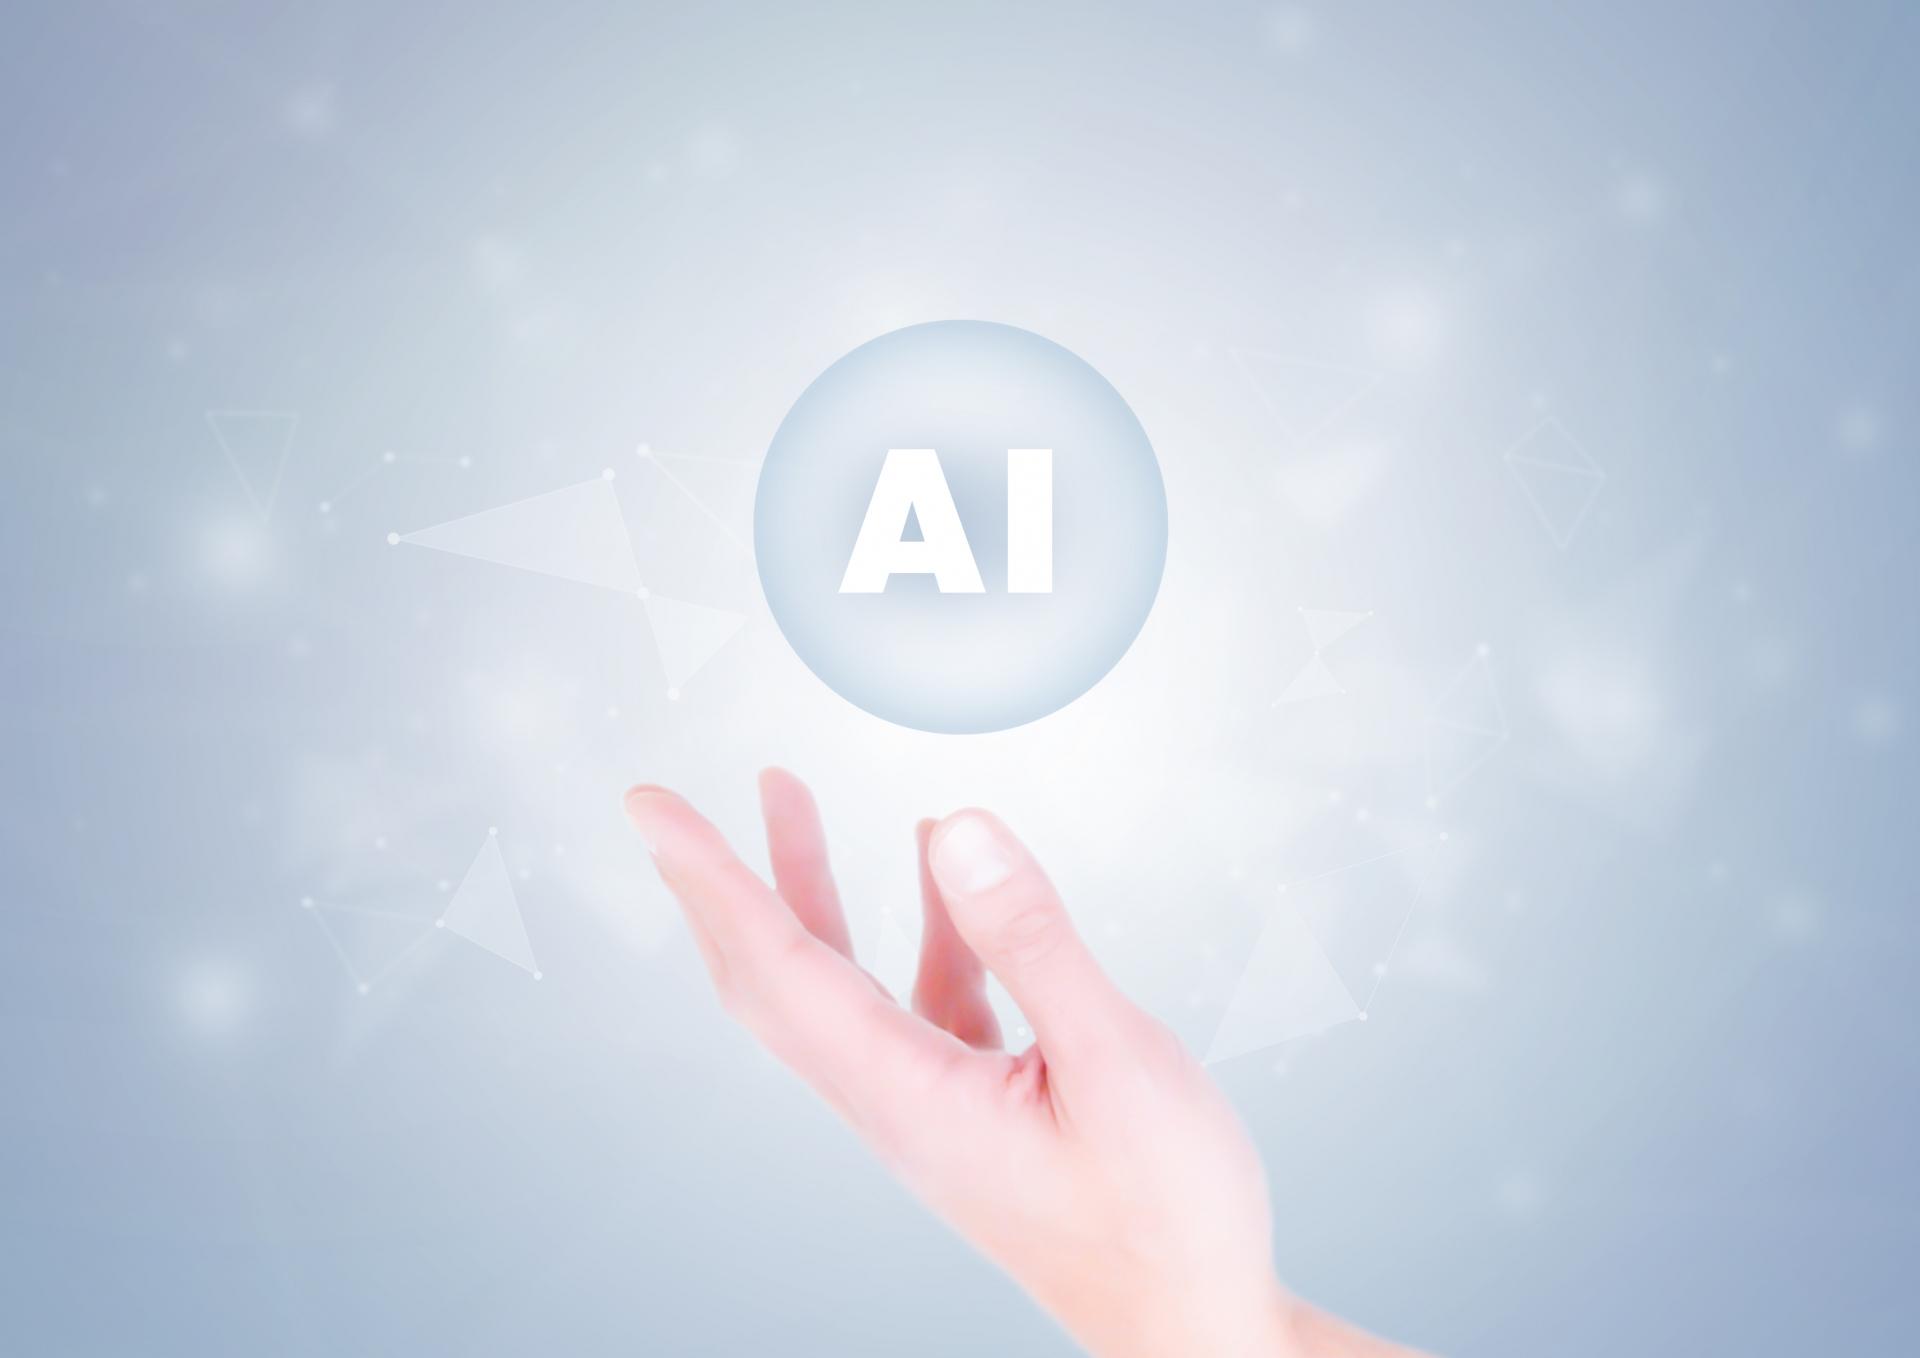 株価予想でAIを使う4つのメリット